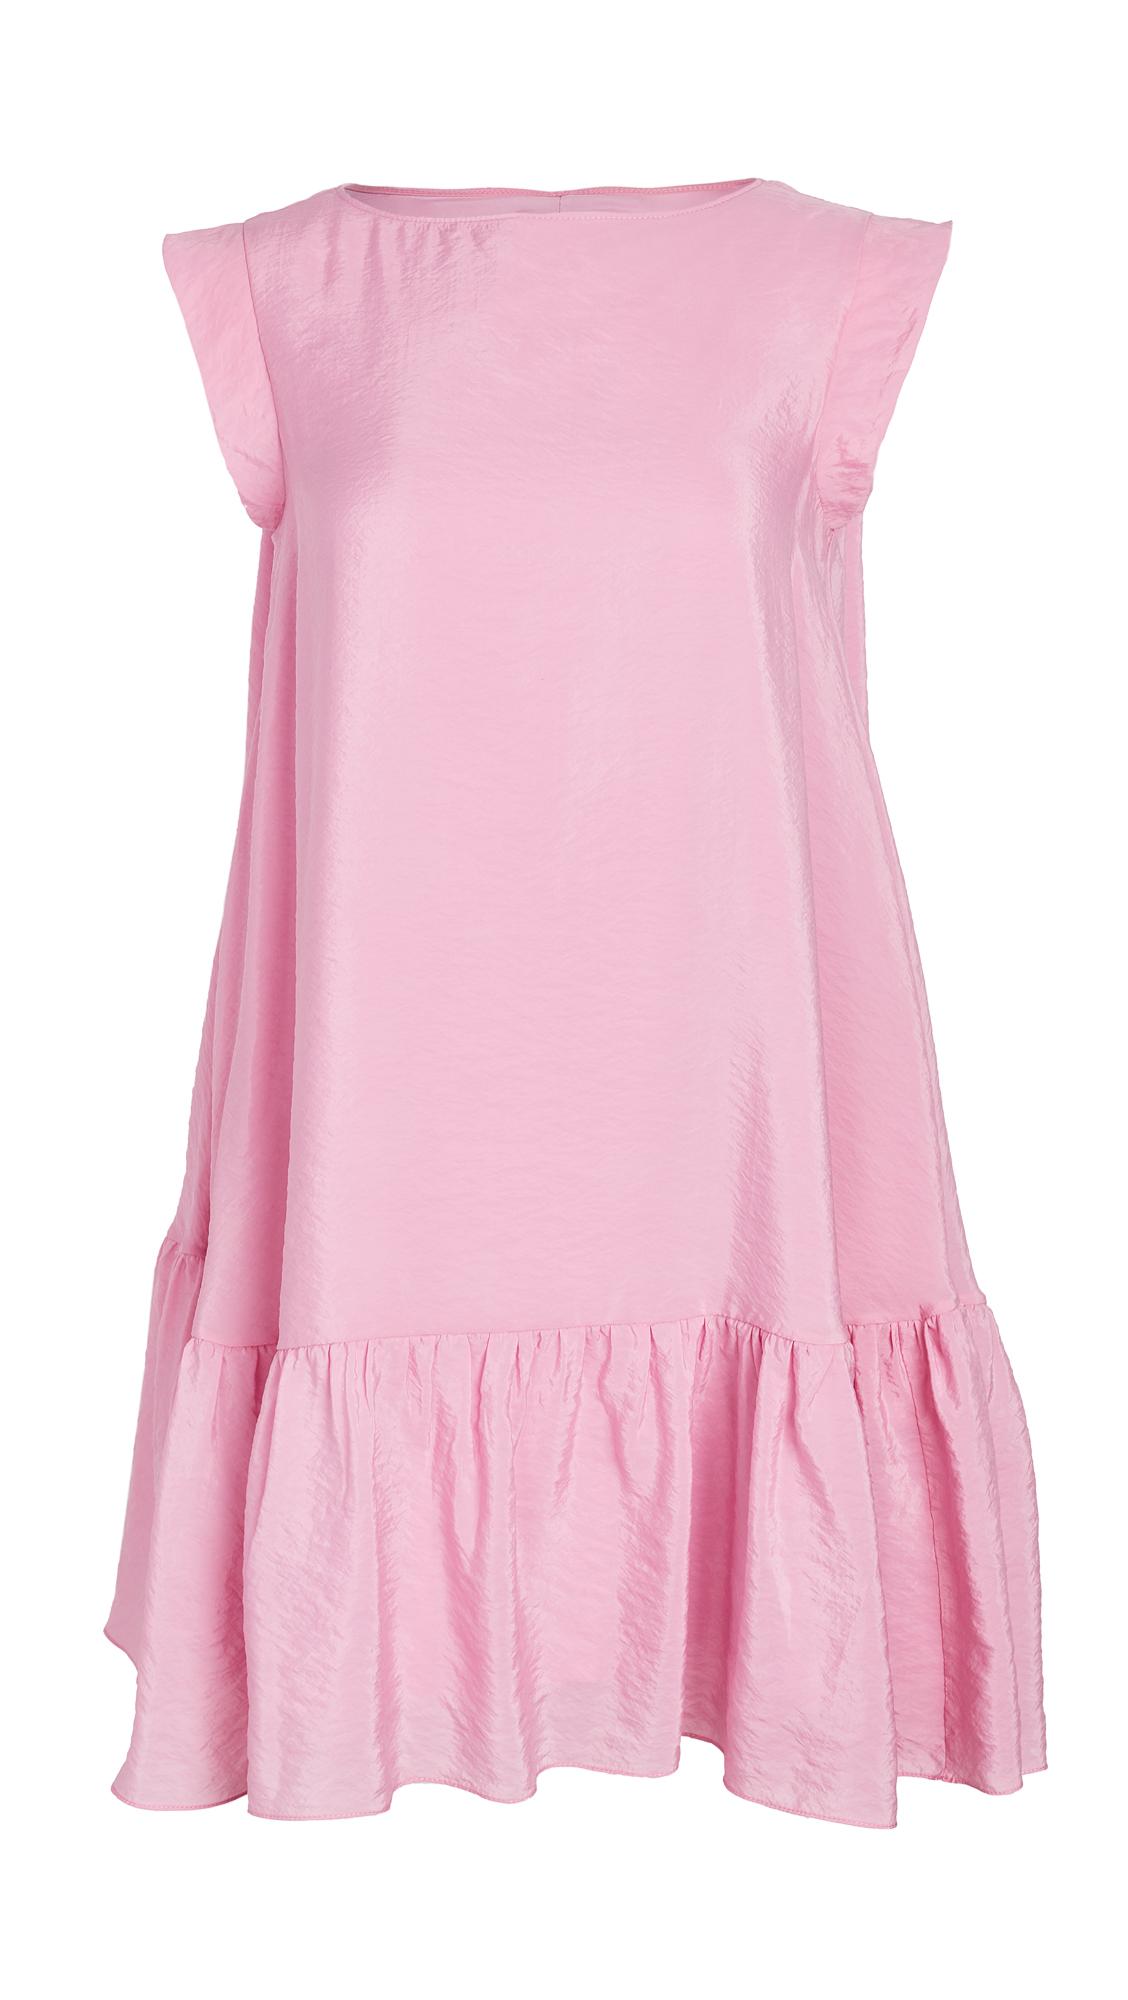 Rachel Comey Zaza Dress